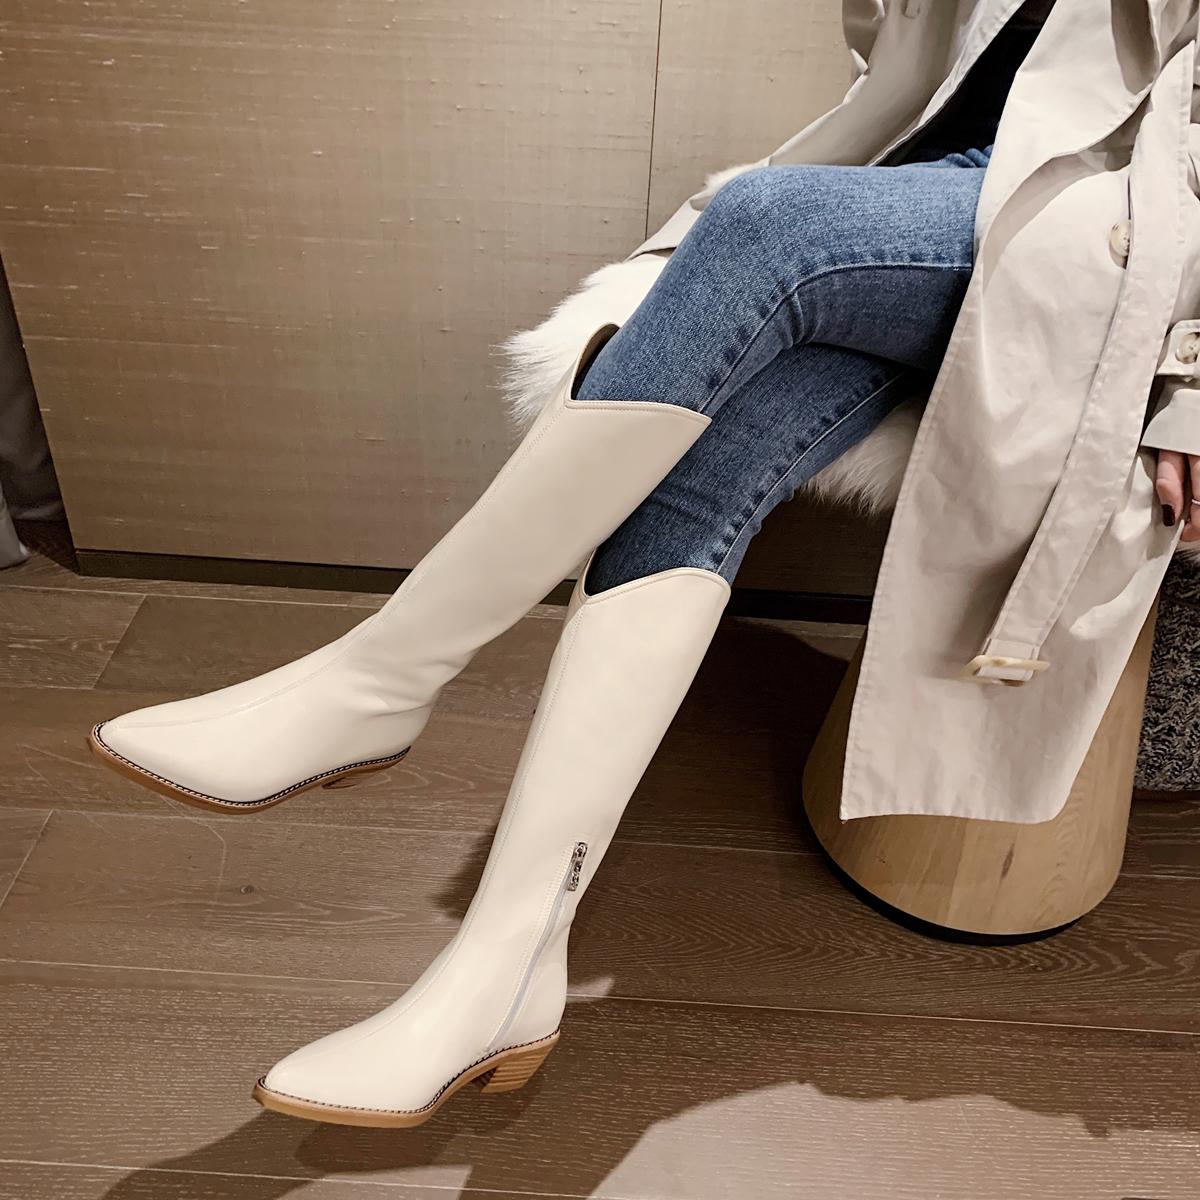 西部牛仔靴子新款粗跟尖头长筒靴女复古骑士靴 危情邀约 王小毒